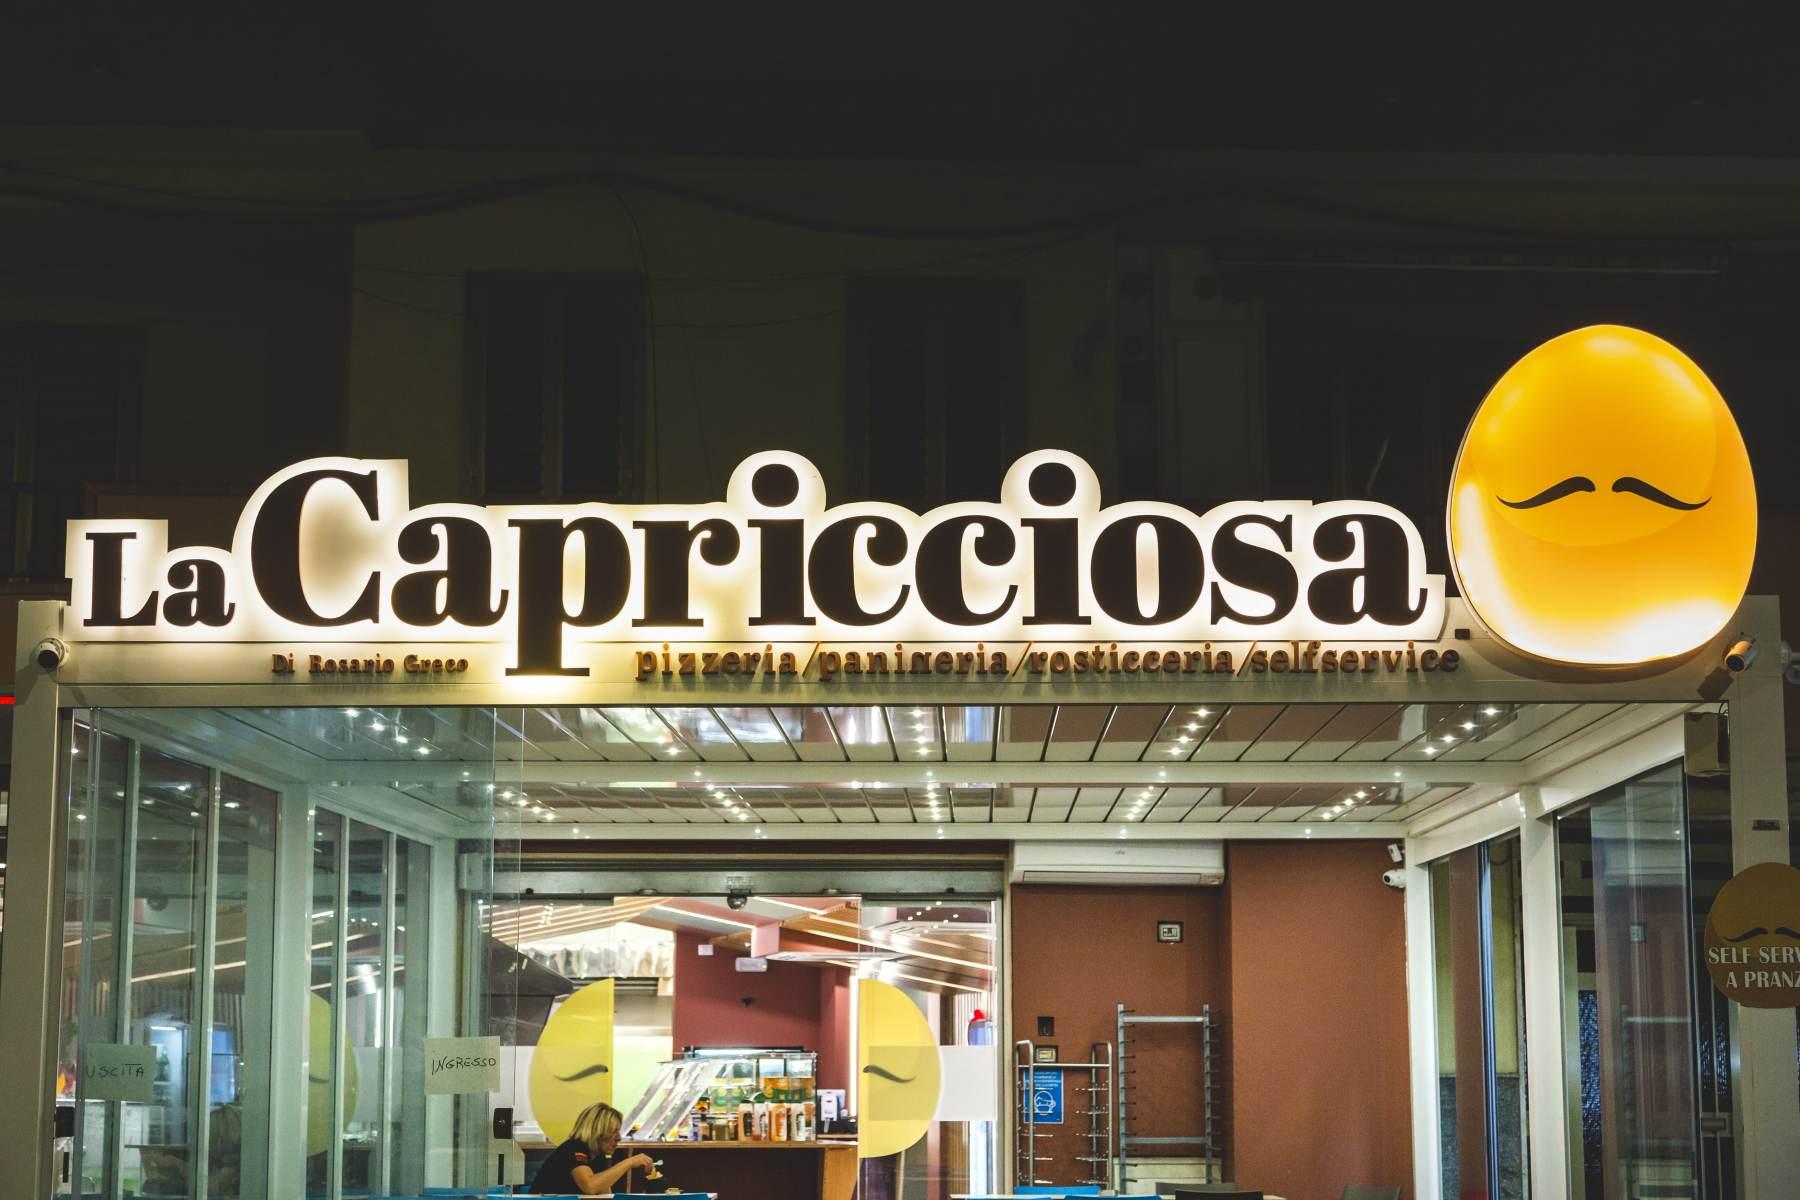 034-Capricciosa-_MG_7407-min